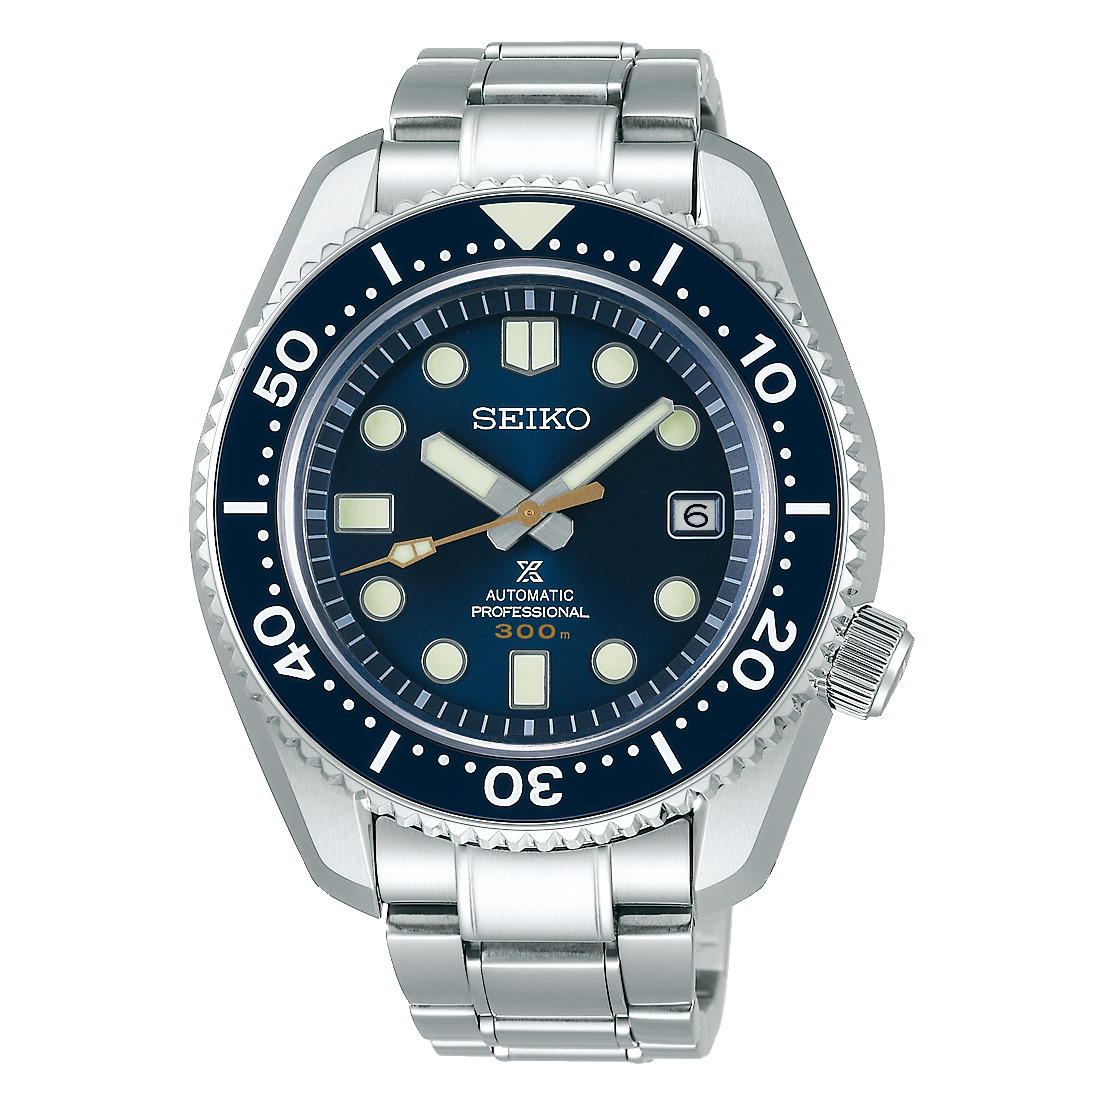 プロスペックス PROSPEX セイコー SEIKO SBDX025 マリーンマスター プロフェッショナル 替えシリコンバンド付き コアショップ限定 正規品 腕時計